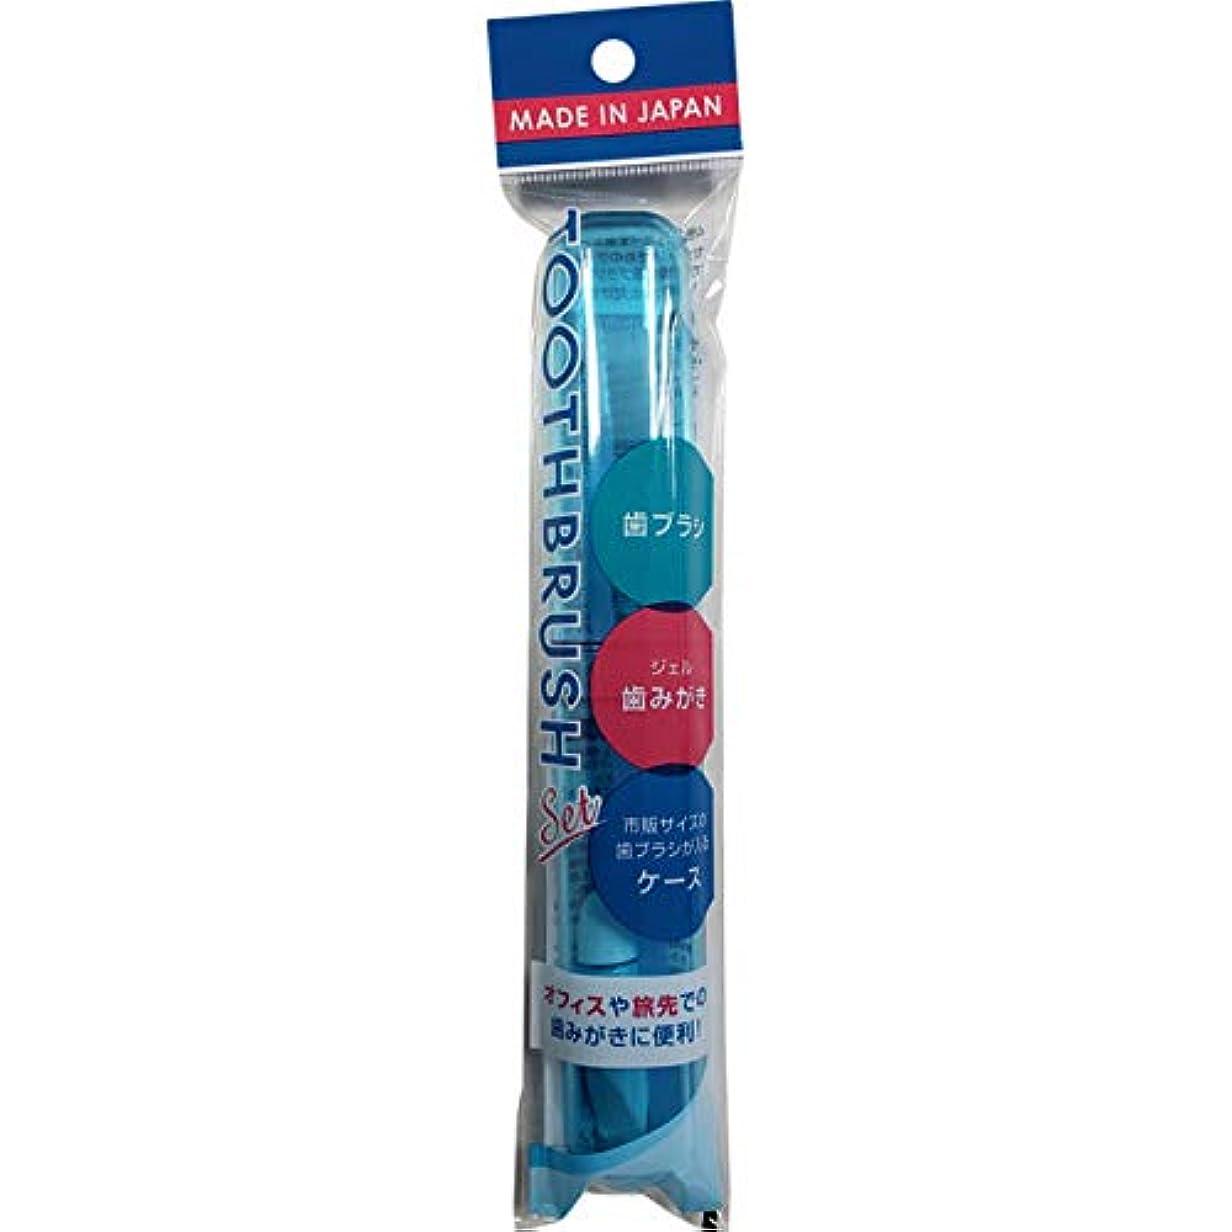 戦闘提供されたスコットランド人【4個セット】歯ブラシ&ジェル歯みがきケースセット